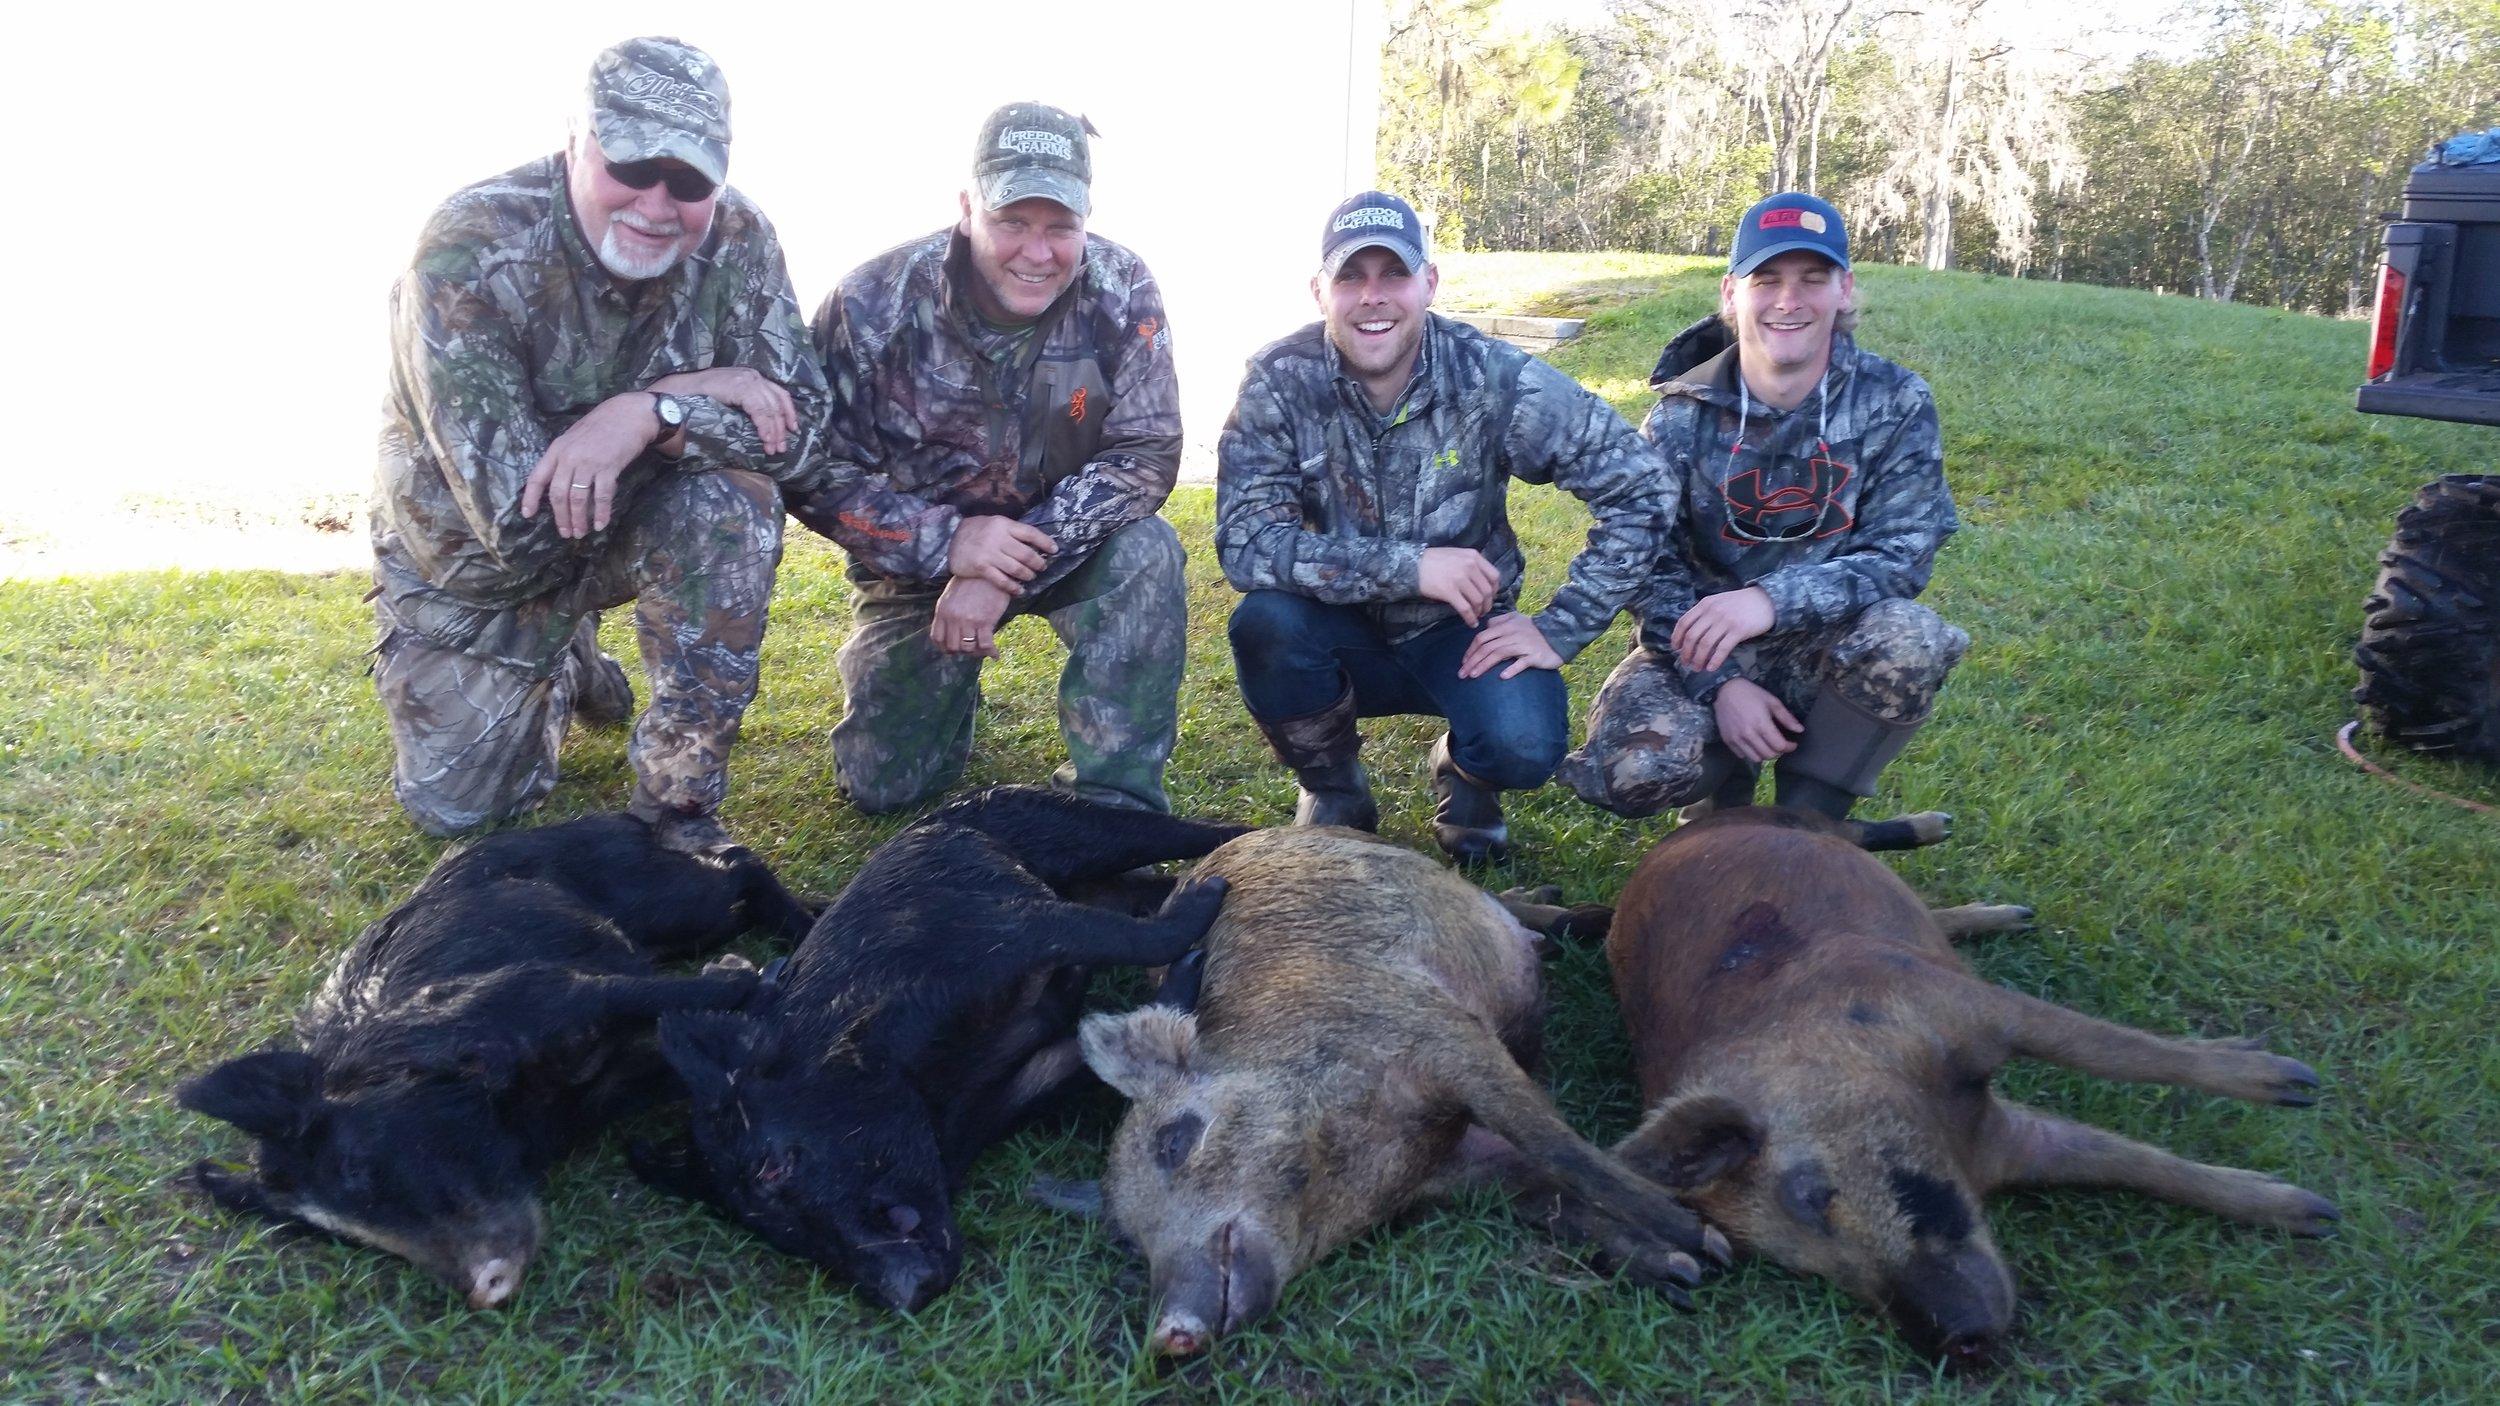 Okeechobee-Hog-Hunting-Outfitters.jpg